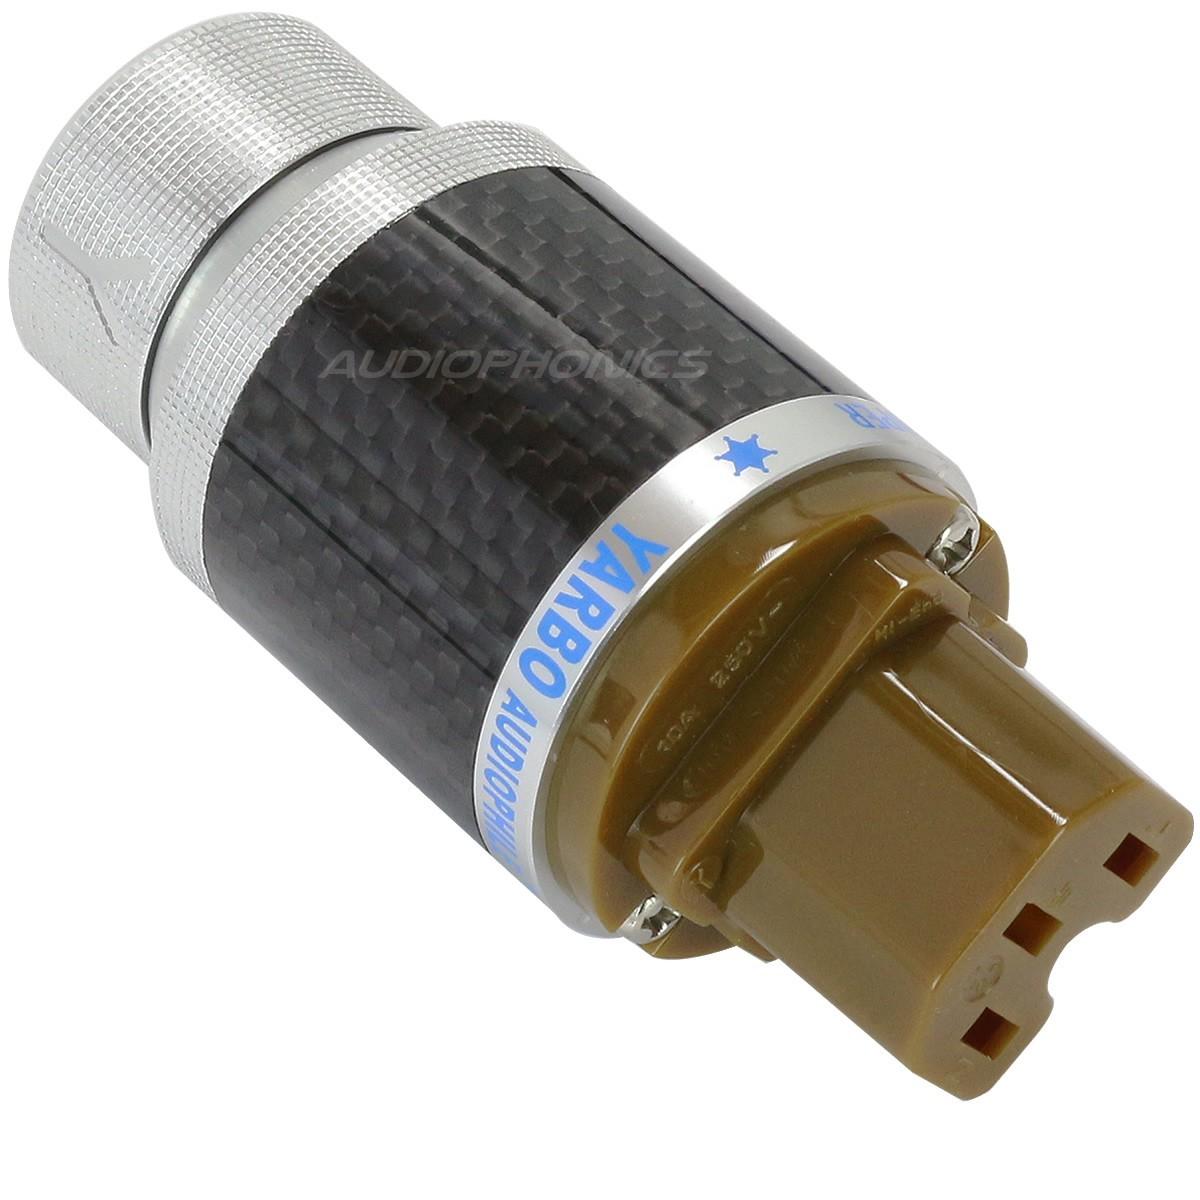 YARBO GY-910CF-R Connecteur secteur IEC plaqué Rhodium Ø15mm